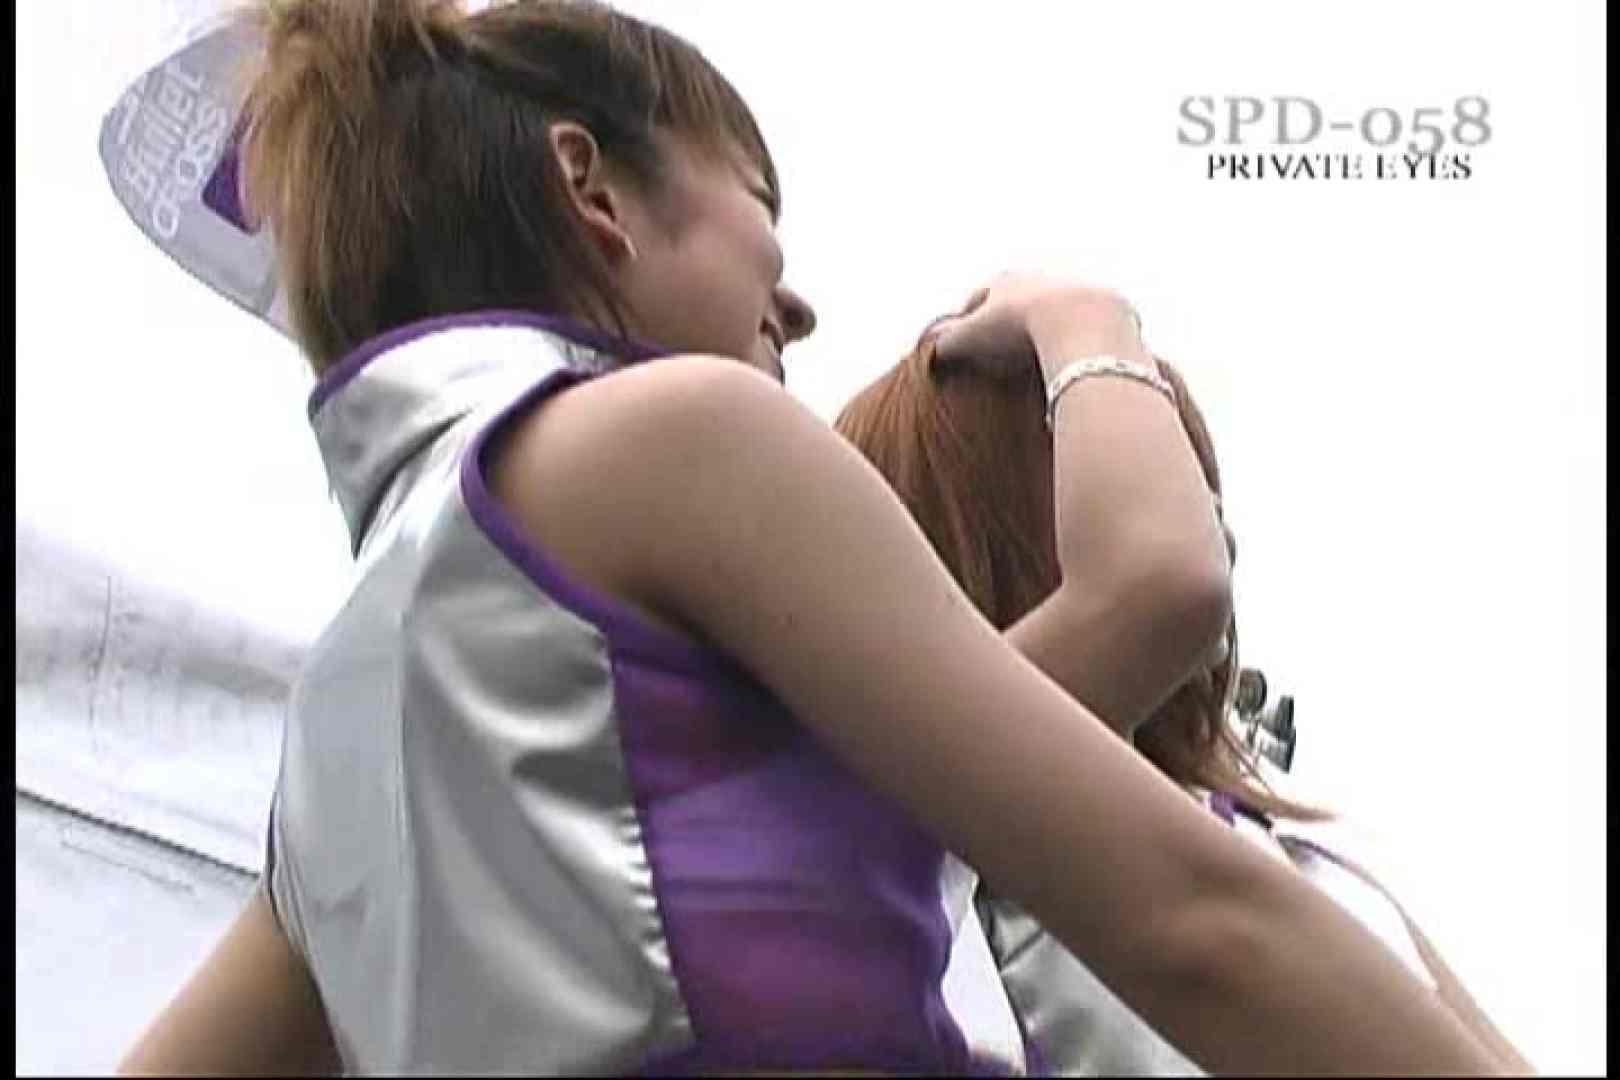 高画質版!SPD-058 ザ・レースクィーン Vゾーンハミ毛シリーズ(総集編Vol.1) OLのエロ生活  110連発 45